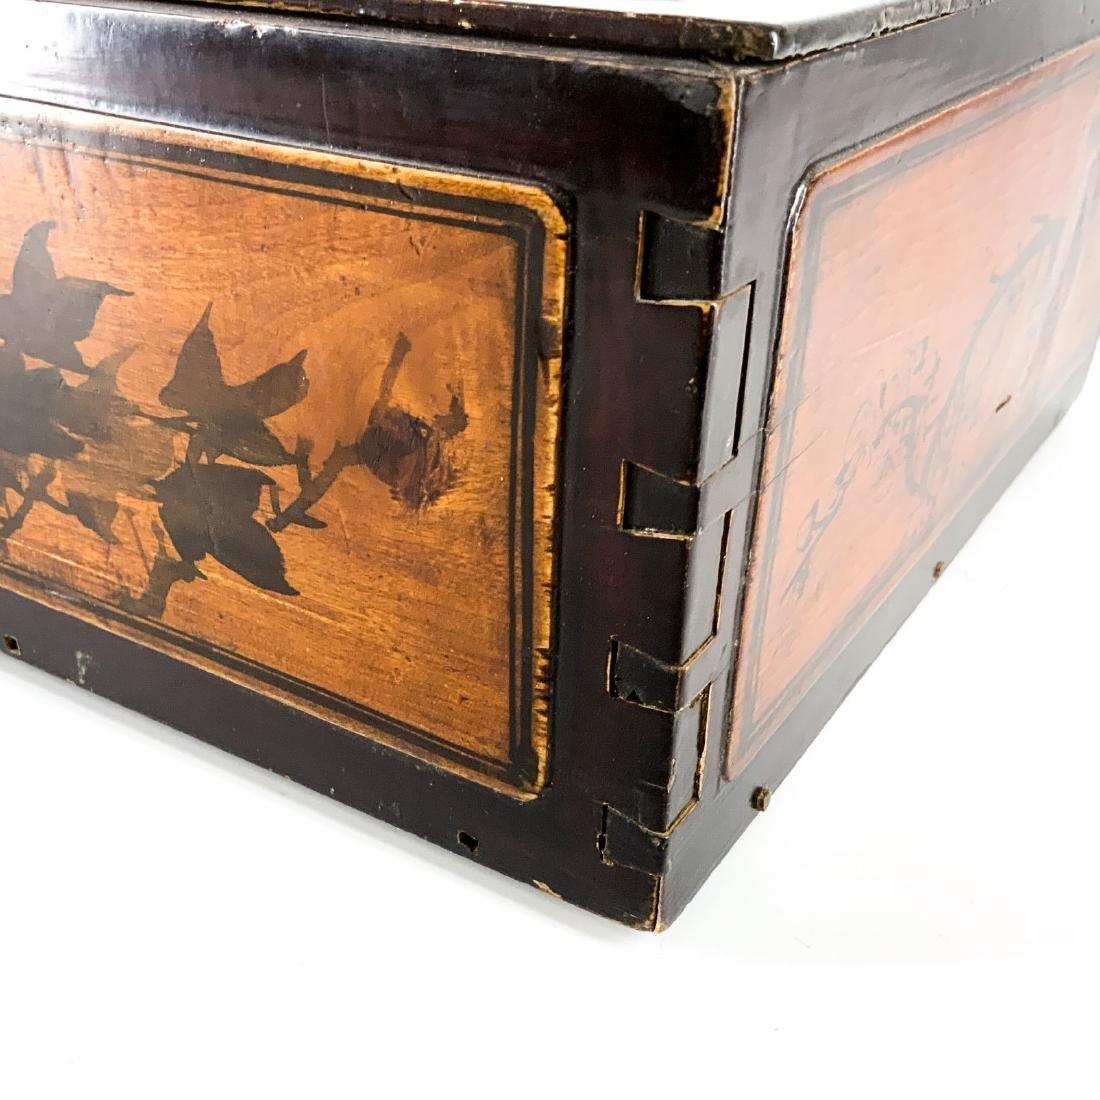 Antique 19th Century Asian Lap Desk Box - 4